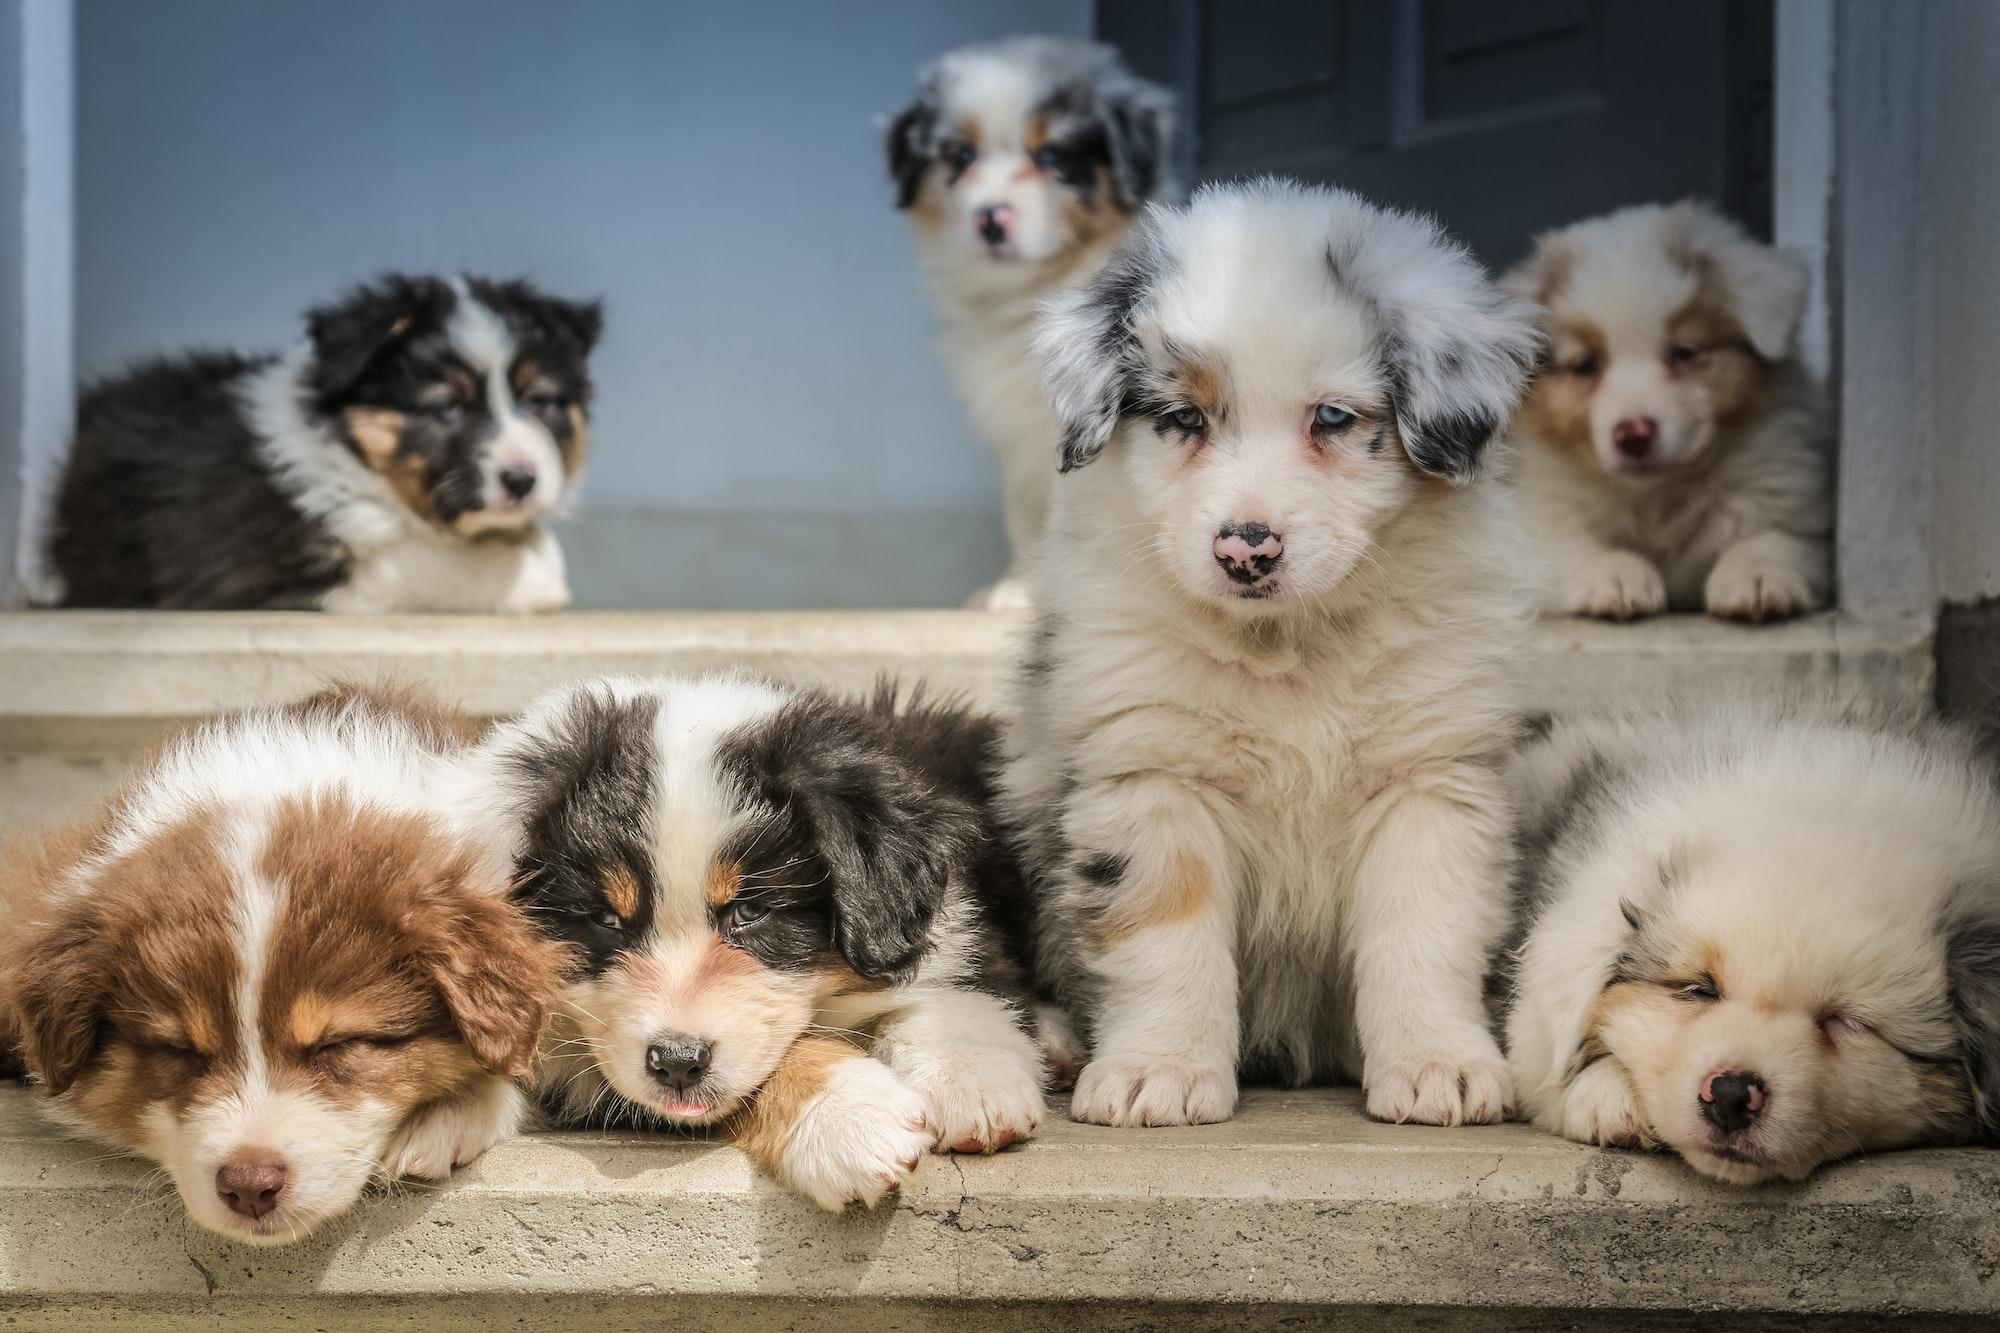 Efsane Köpek Bulmaca Anlamı Nedir?